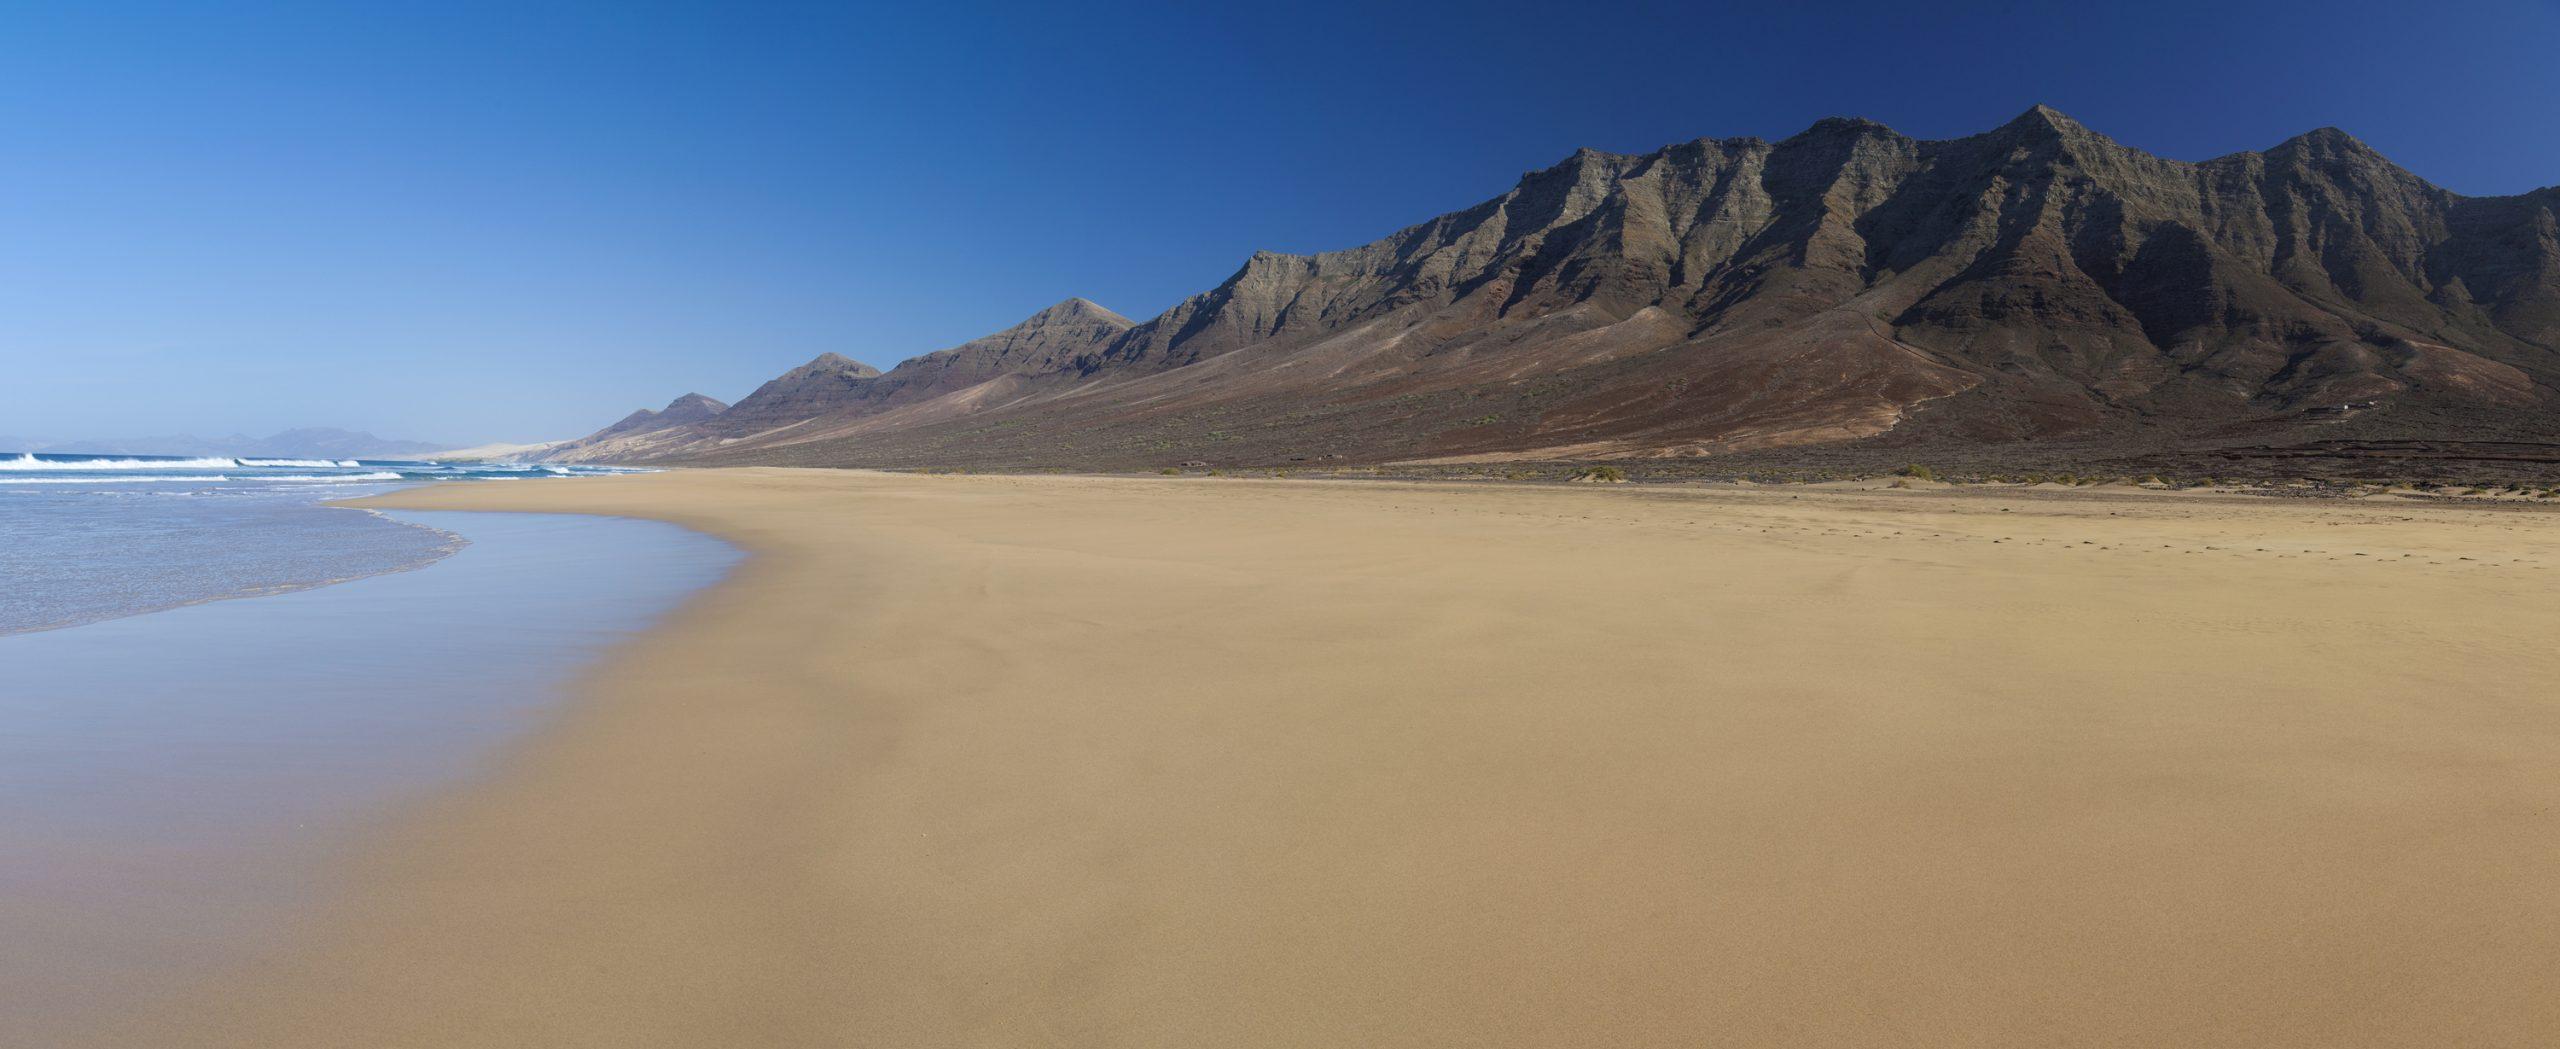 Senderismo en Fuerteventura y Lanzarote. Islas Canarias